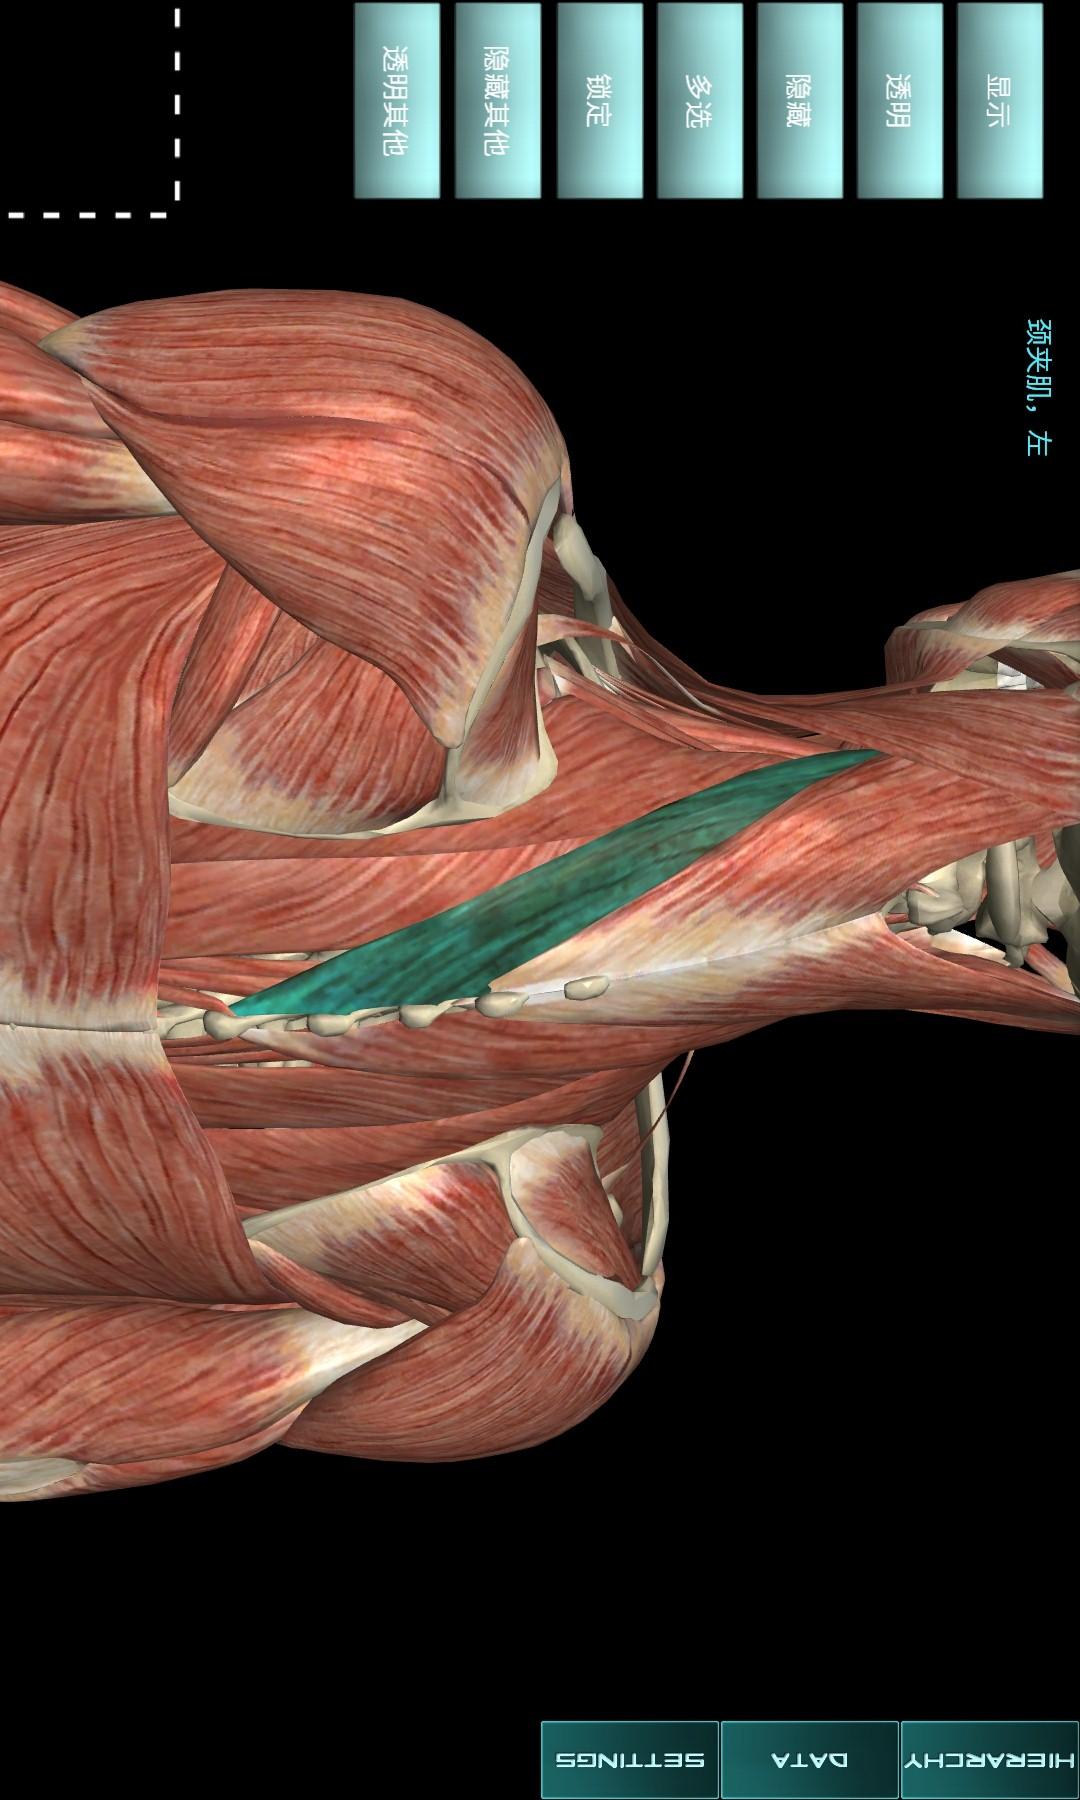 人体解剖学图集截图